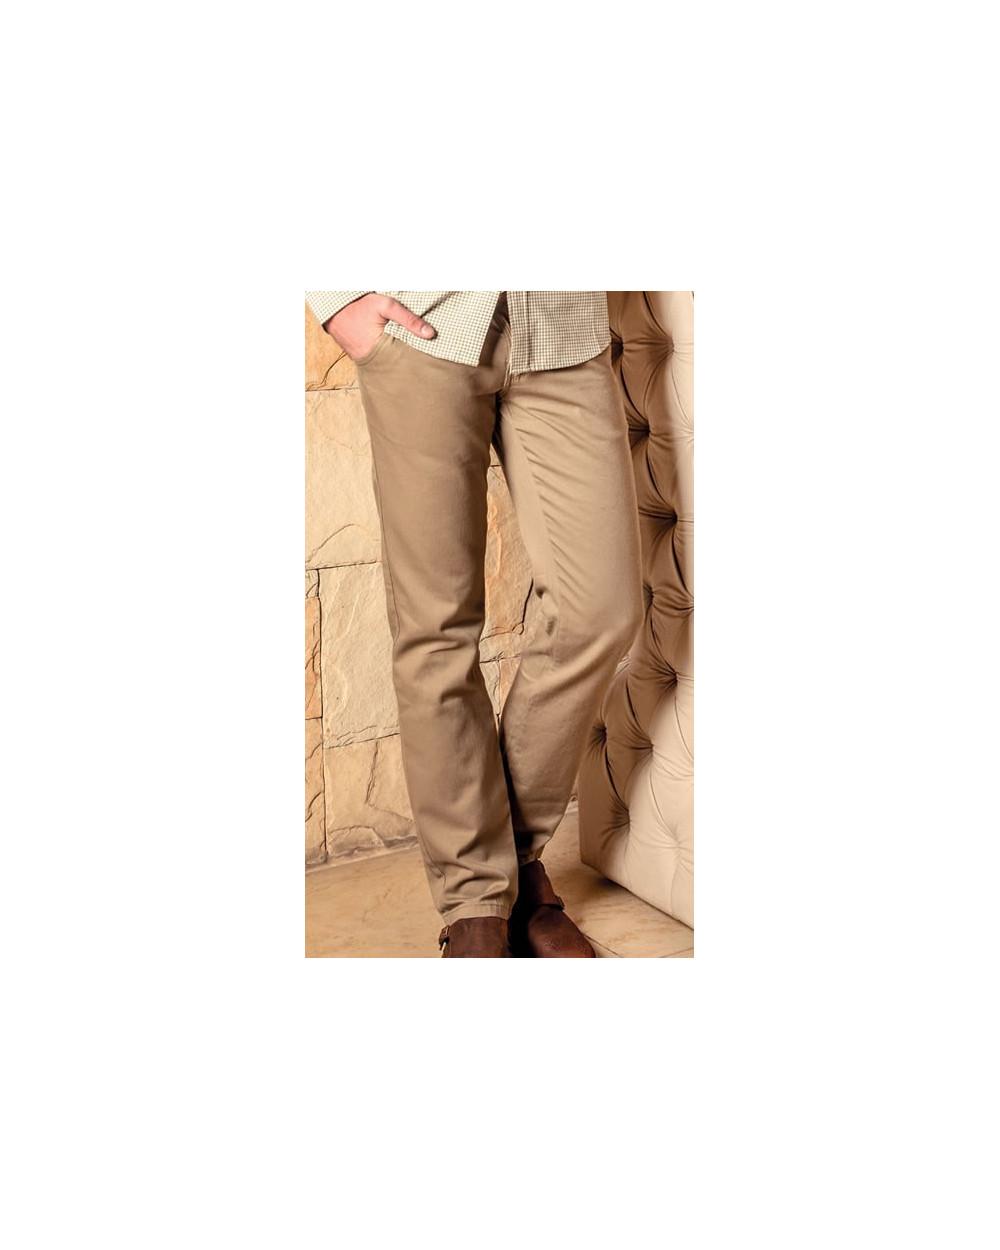 Andre Mercier Pantalon Moises Camel